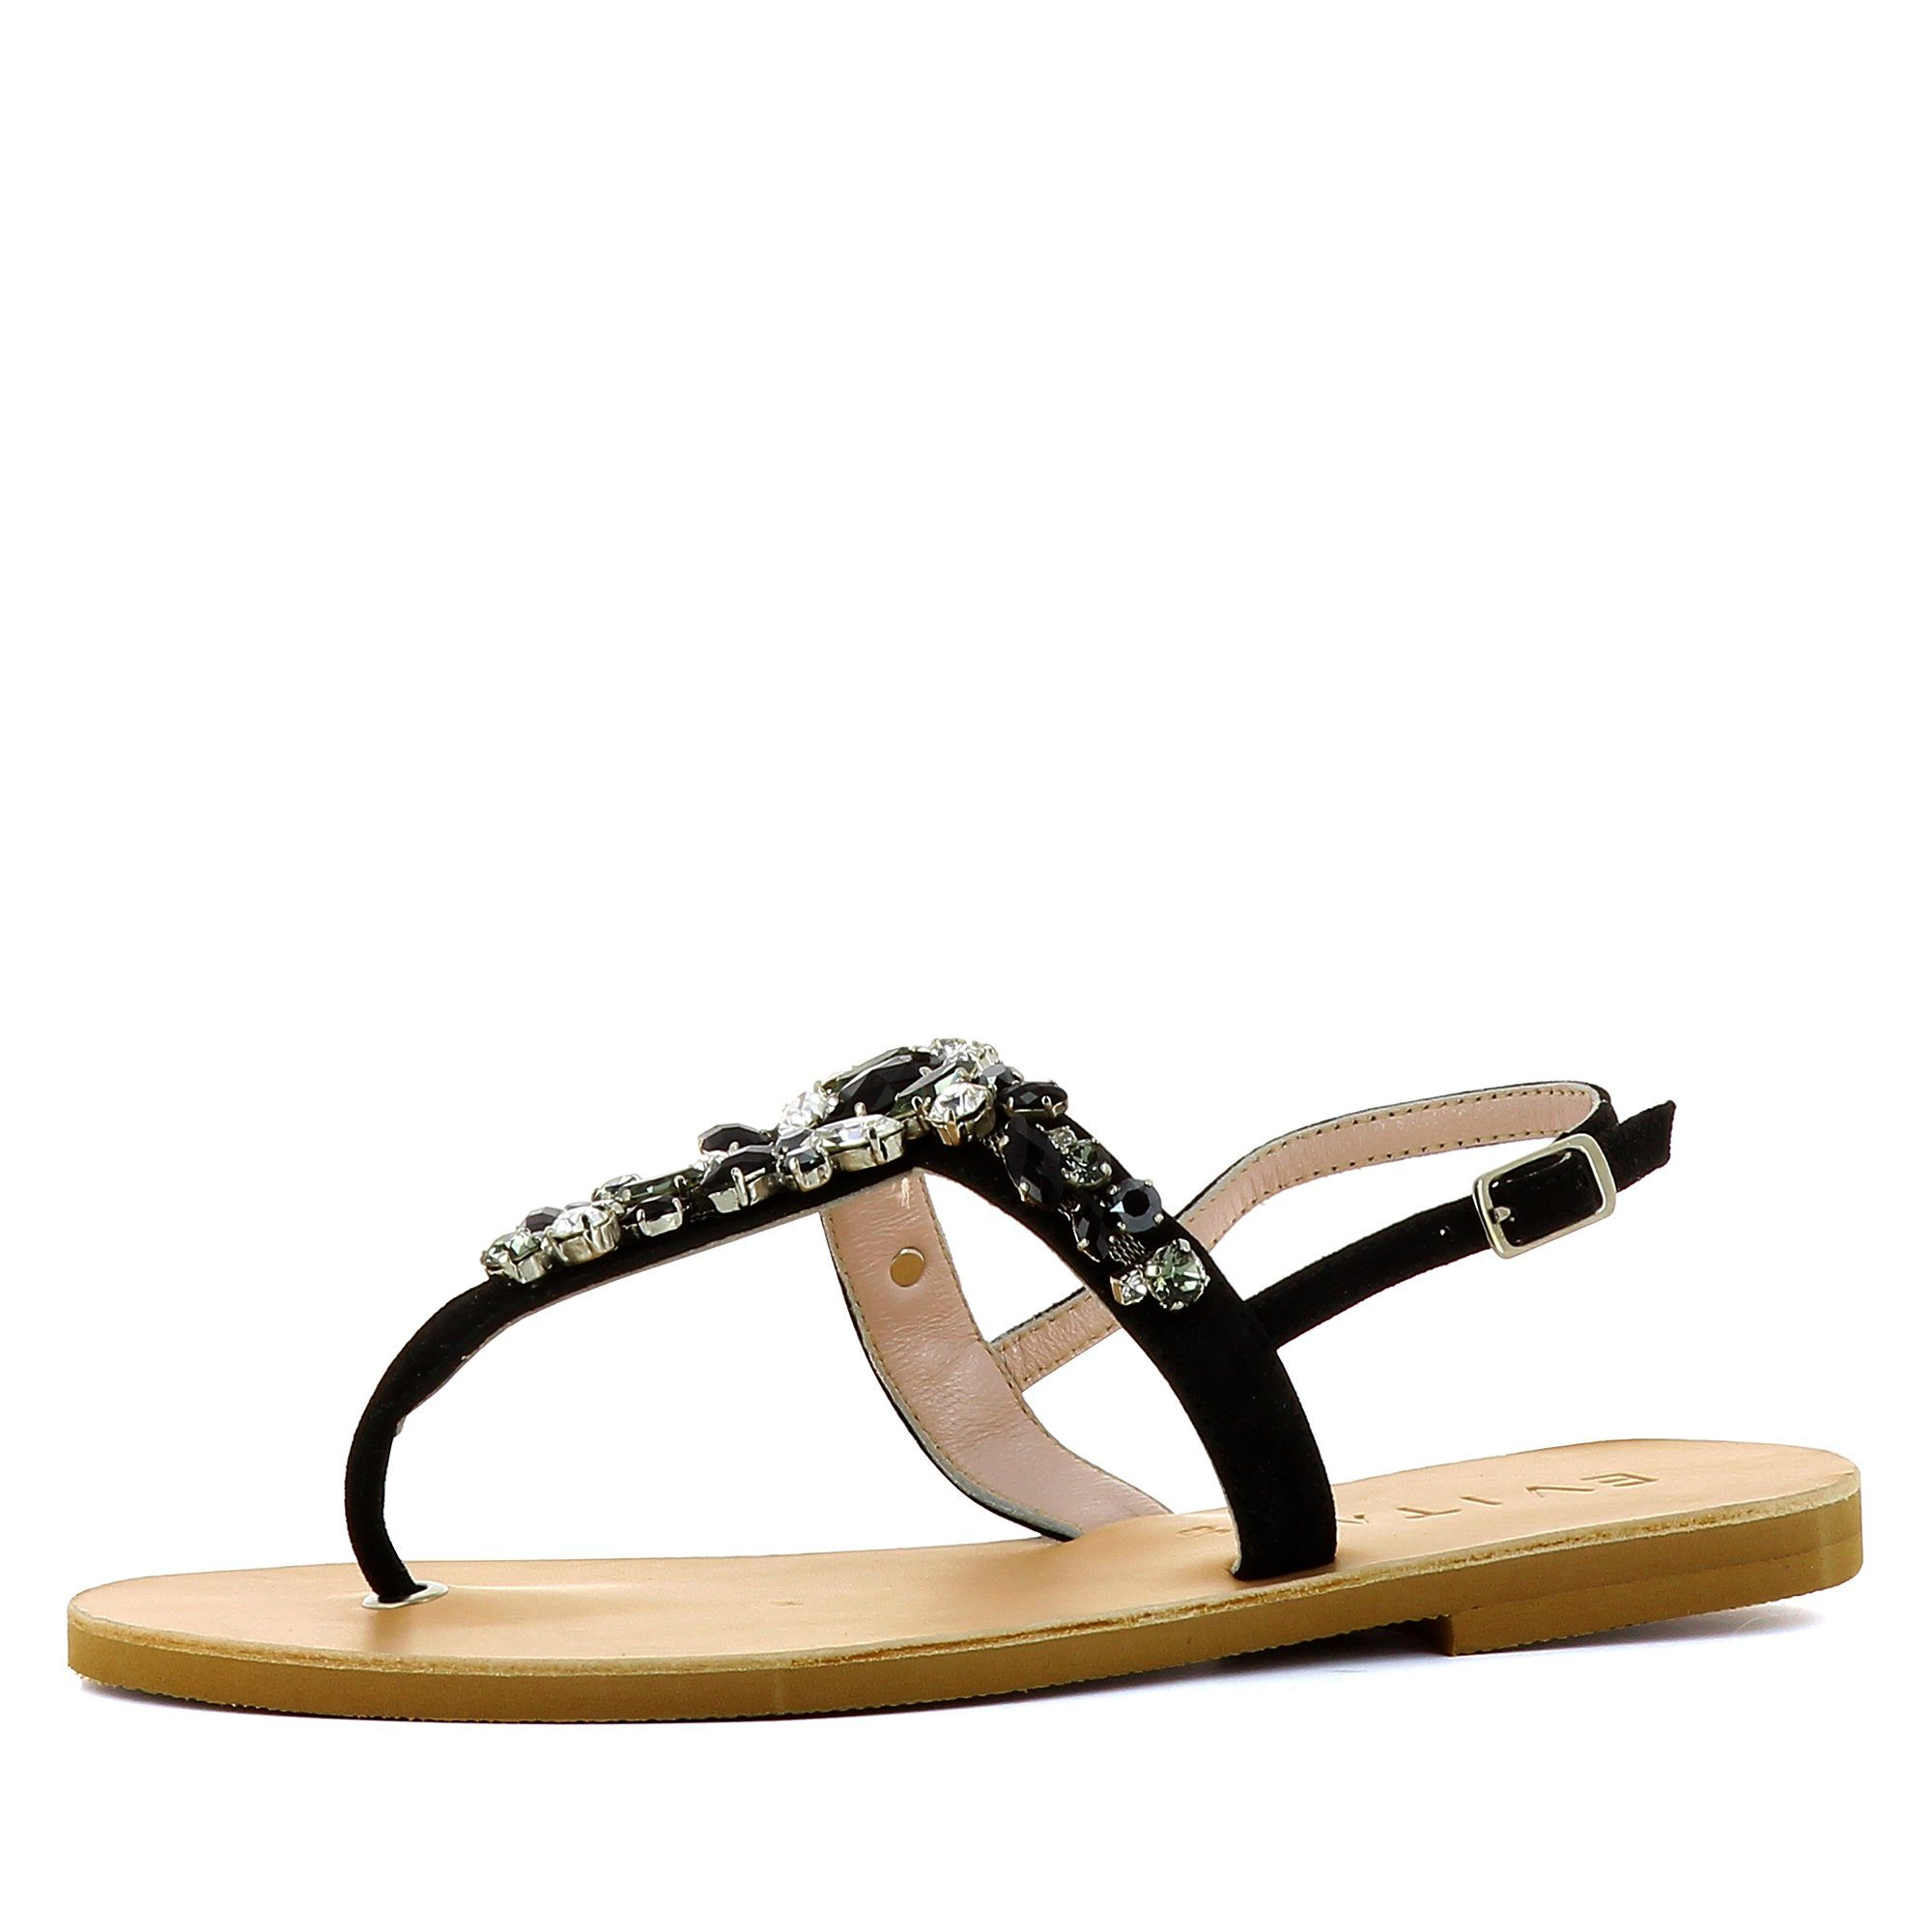 Evita Shoes Greta Damen Sandale Rauleder Fein Dunkelbraun 38 HdcSceqgV